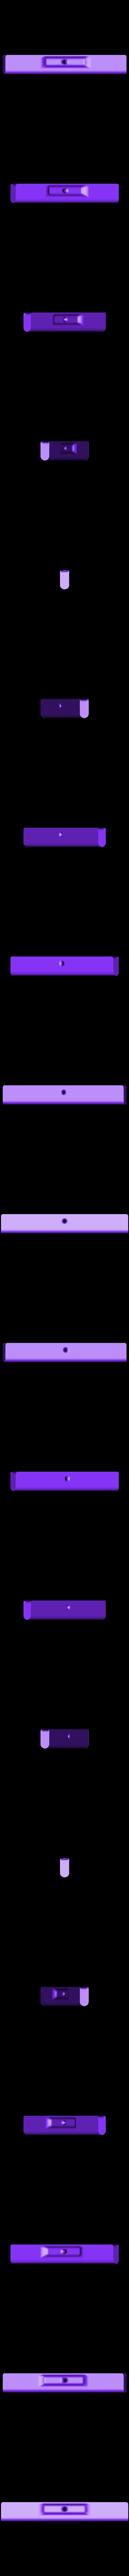 cabinet_door_handle_V2.stl Télécharger fichier STL gratuit Poignée de porte d'armoire V2 • Modèle à imprimer en 3D, timofteadrianandrei